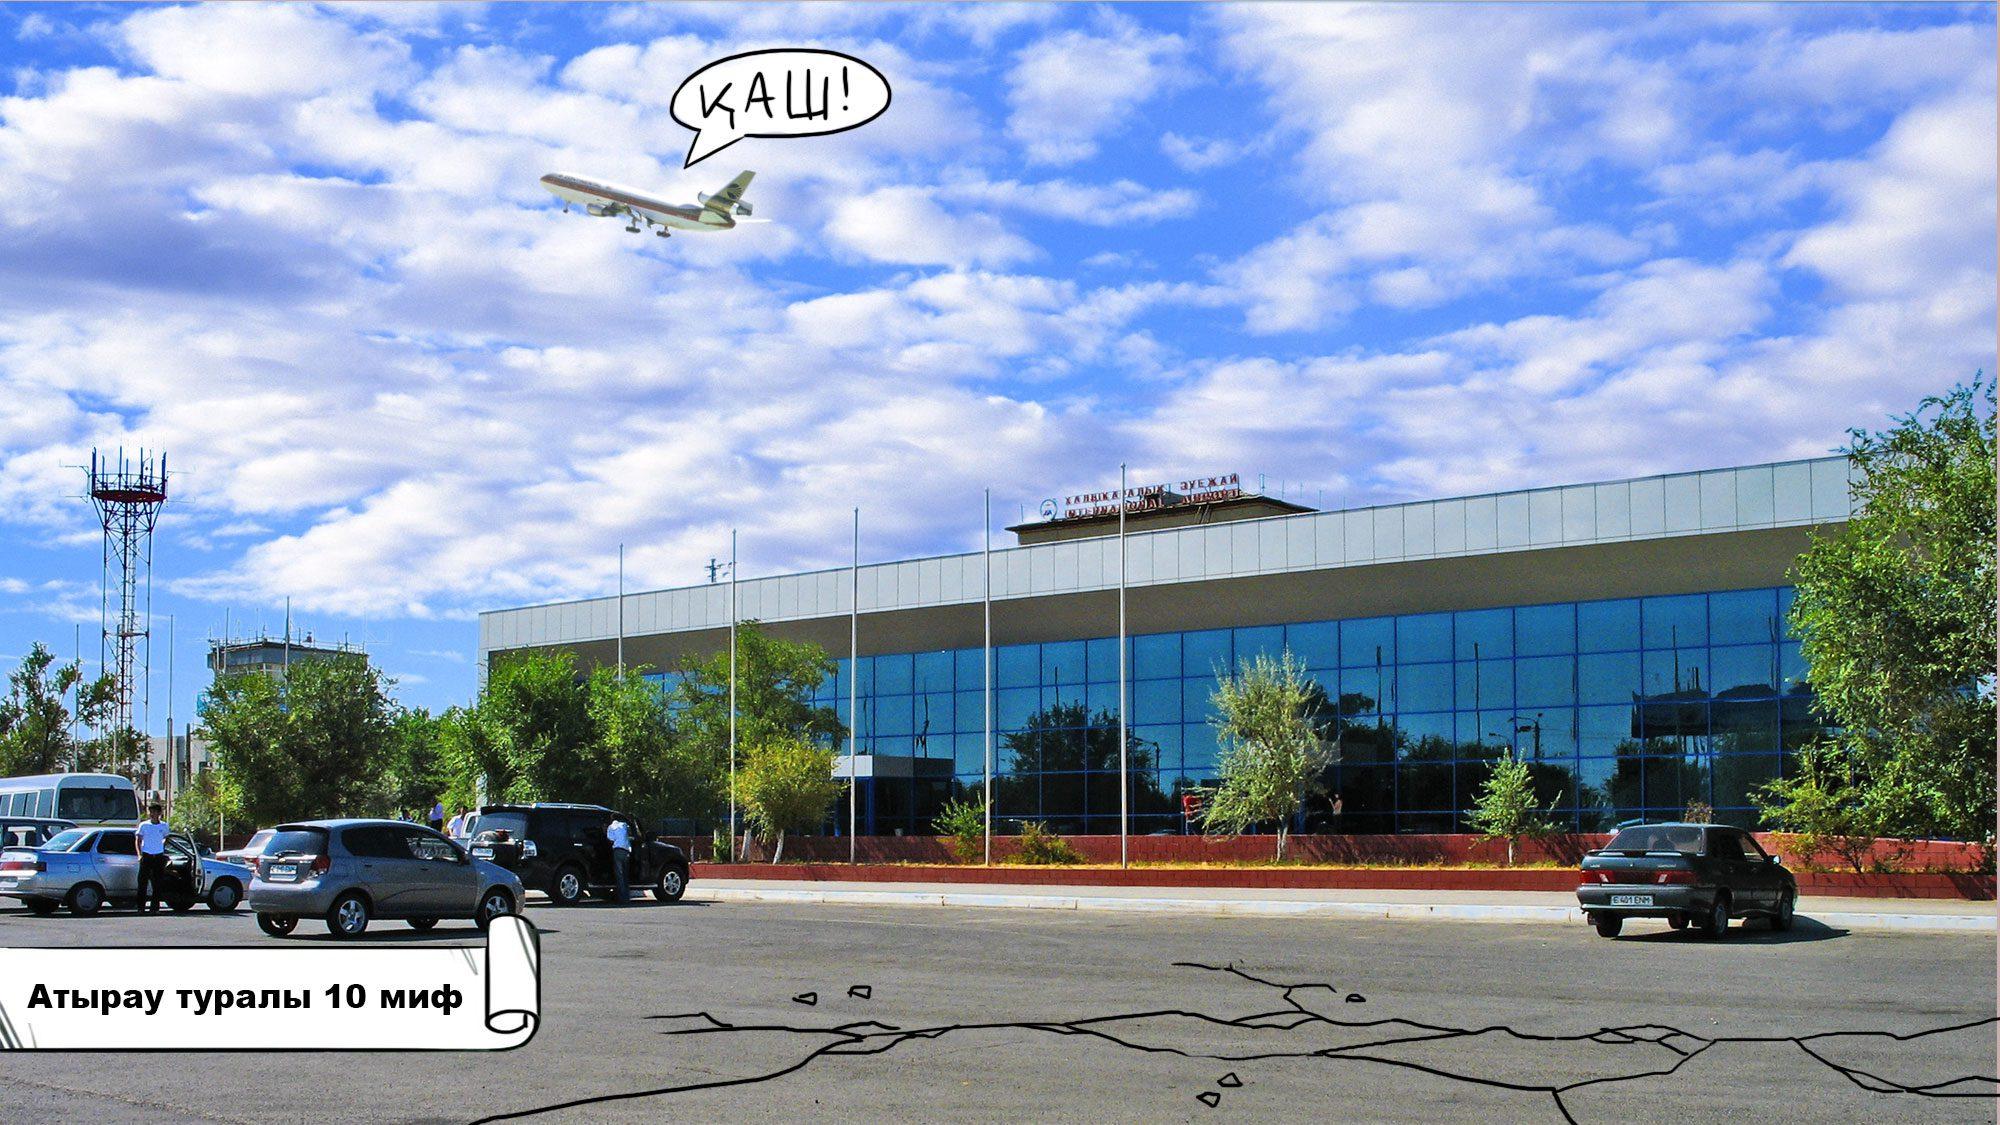 Атырау аэрапорт